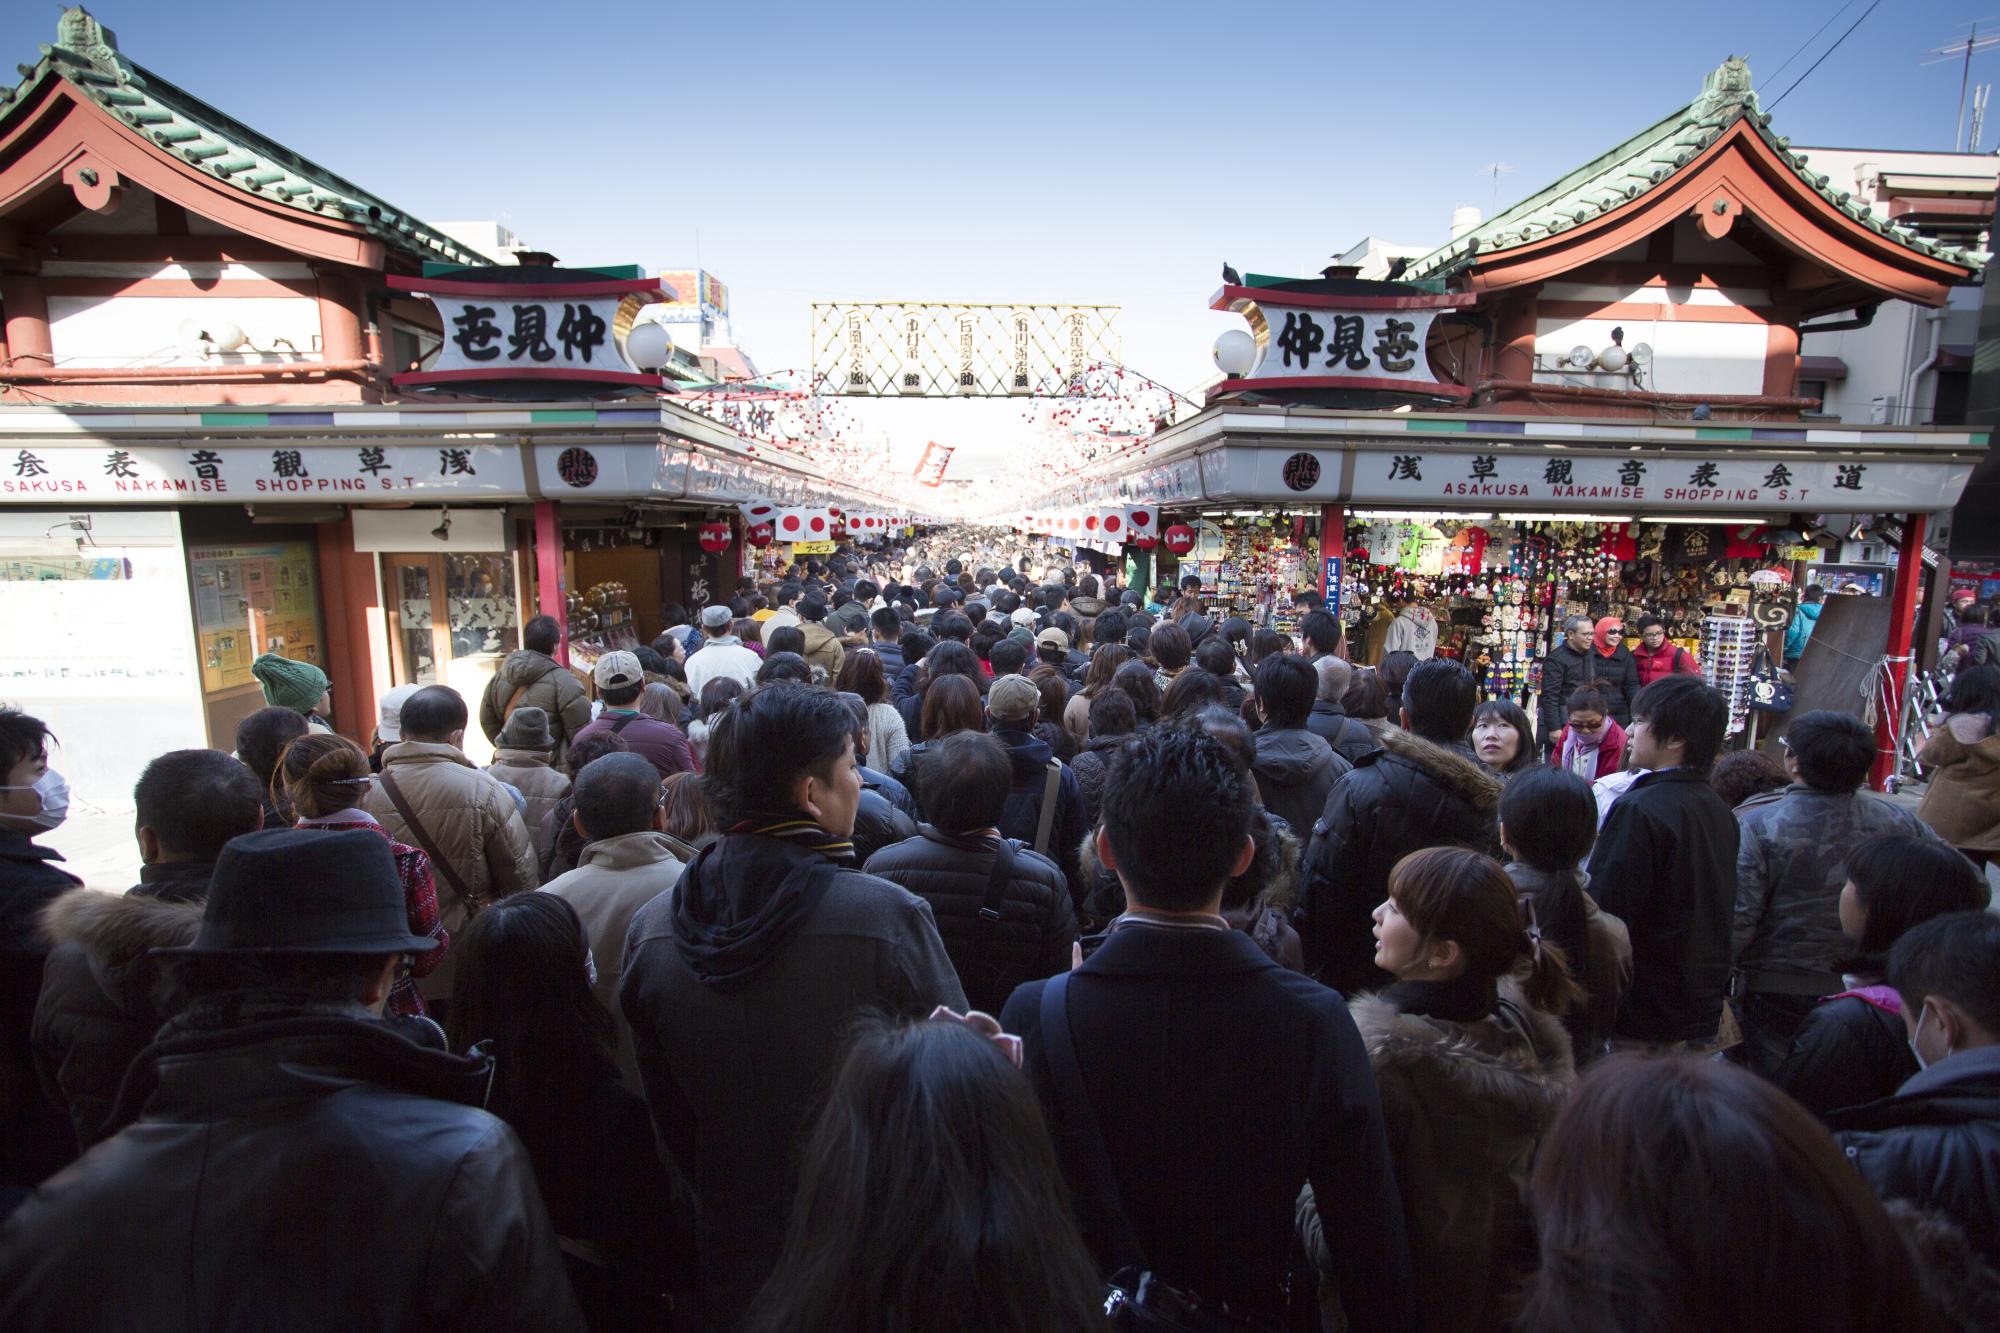 Cara Masyarakat Jepang Menyambut Tahun Baru